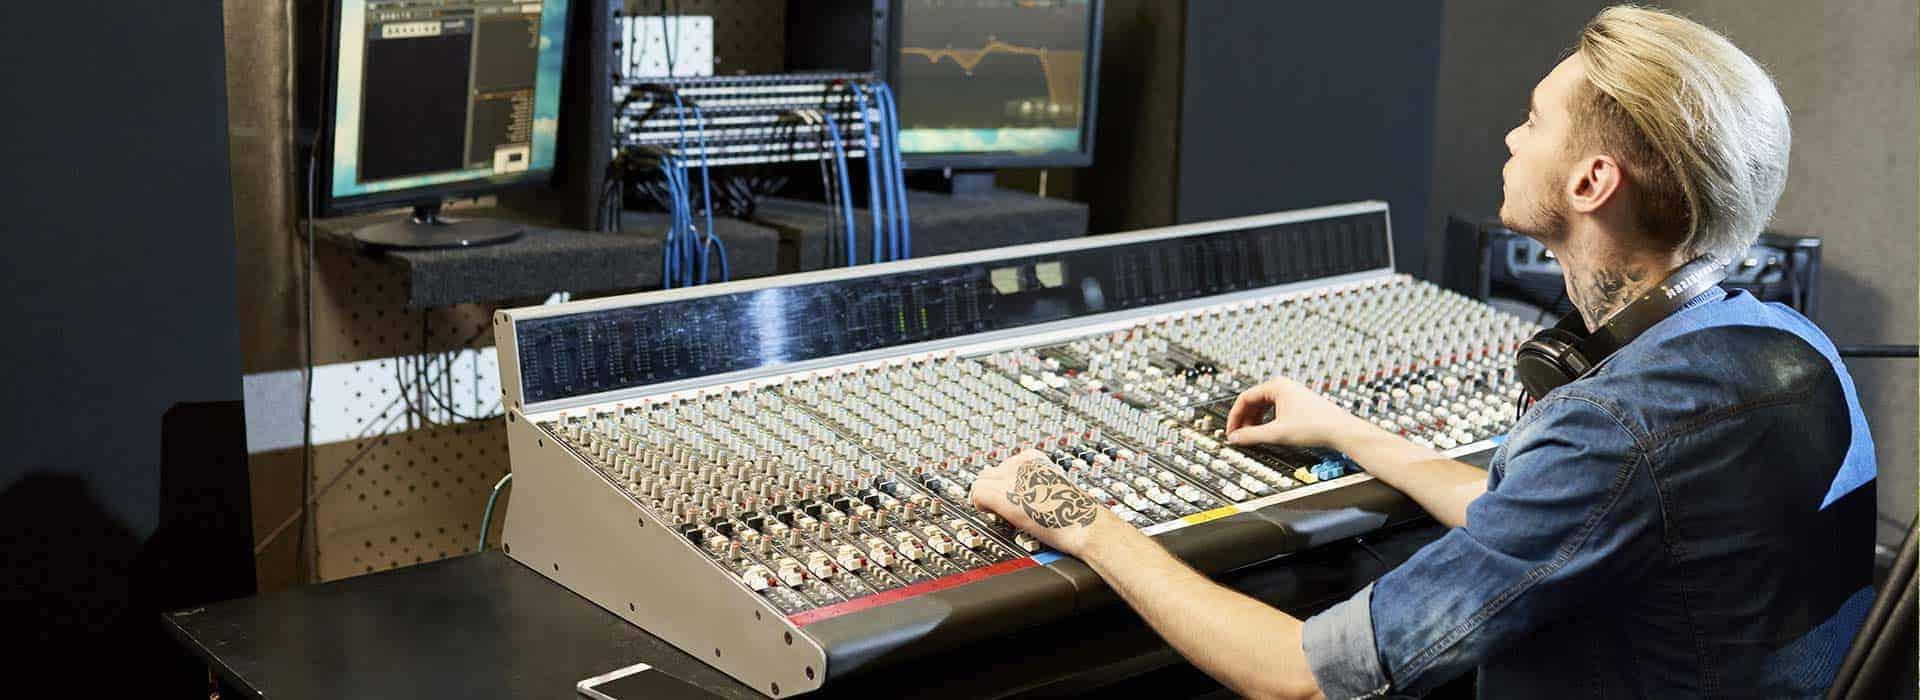 Curso de Especialista en Sonido y Producción Musical